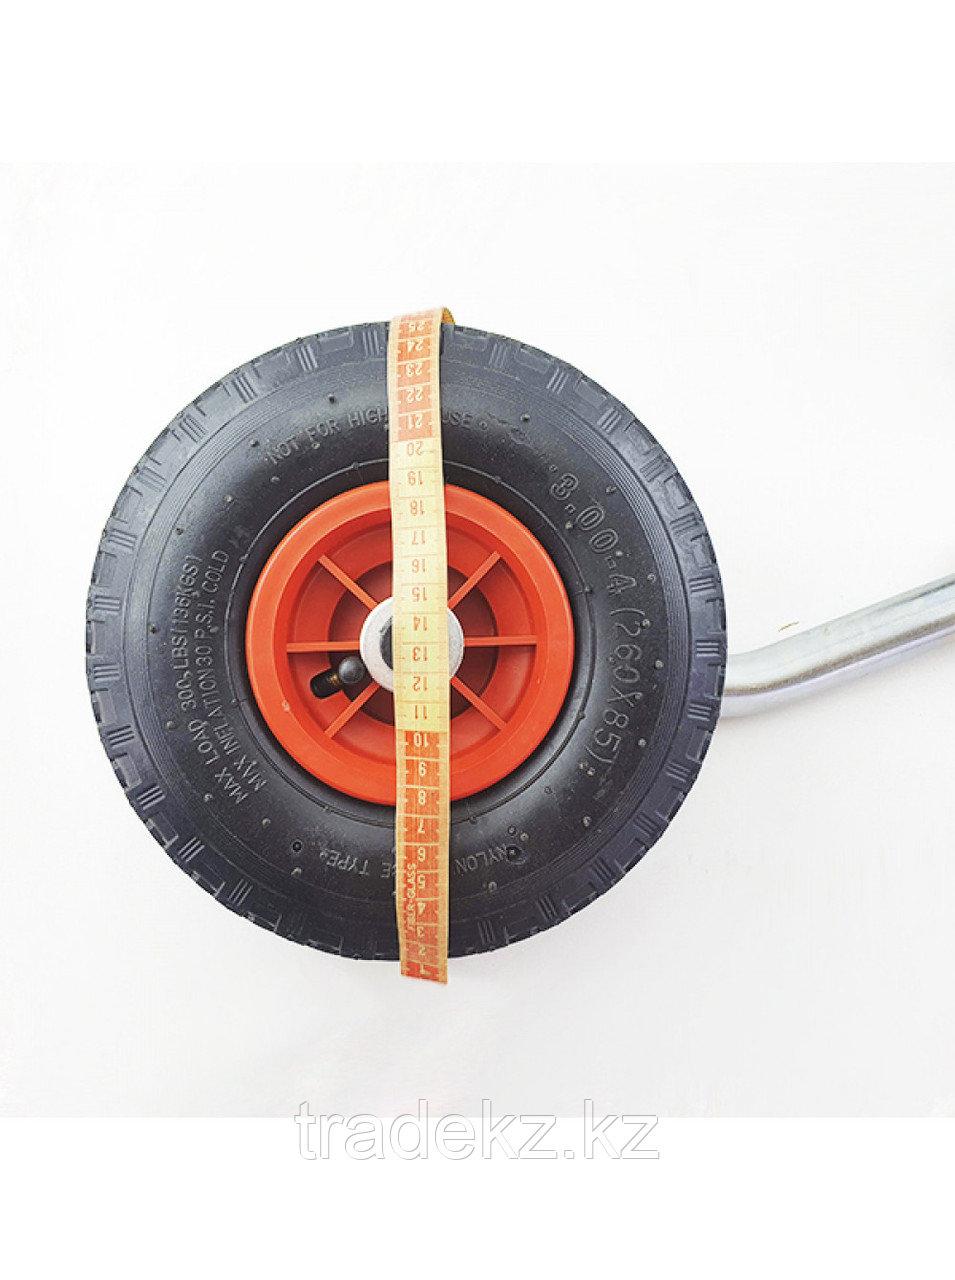 Колеса транцевые откидные ТР 20 - фото 3